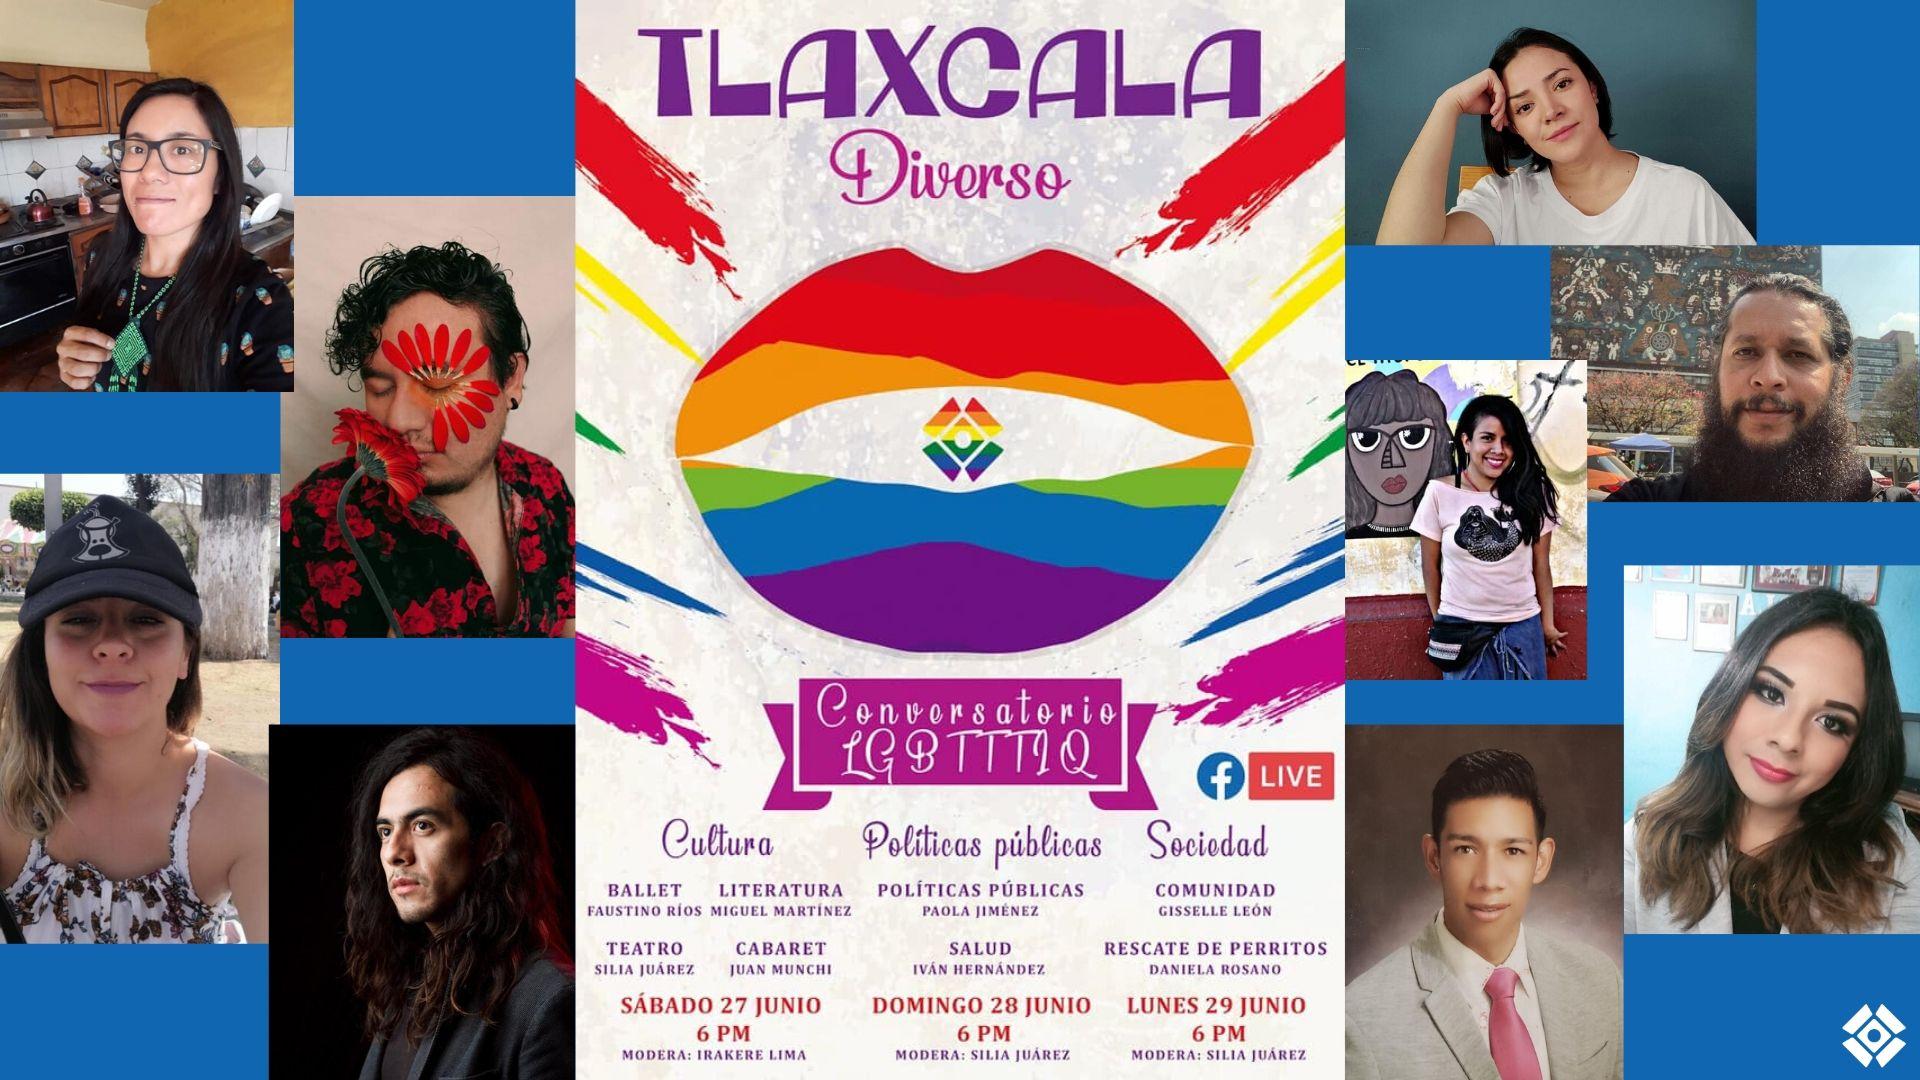 Comunidad LGBTTTIQA+